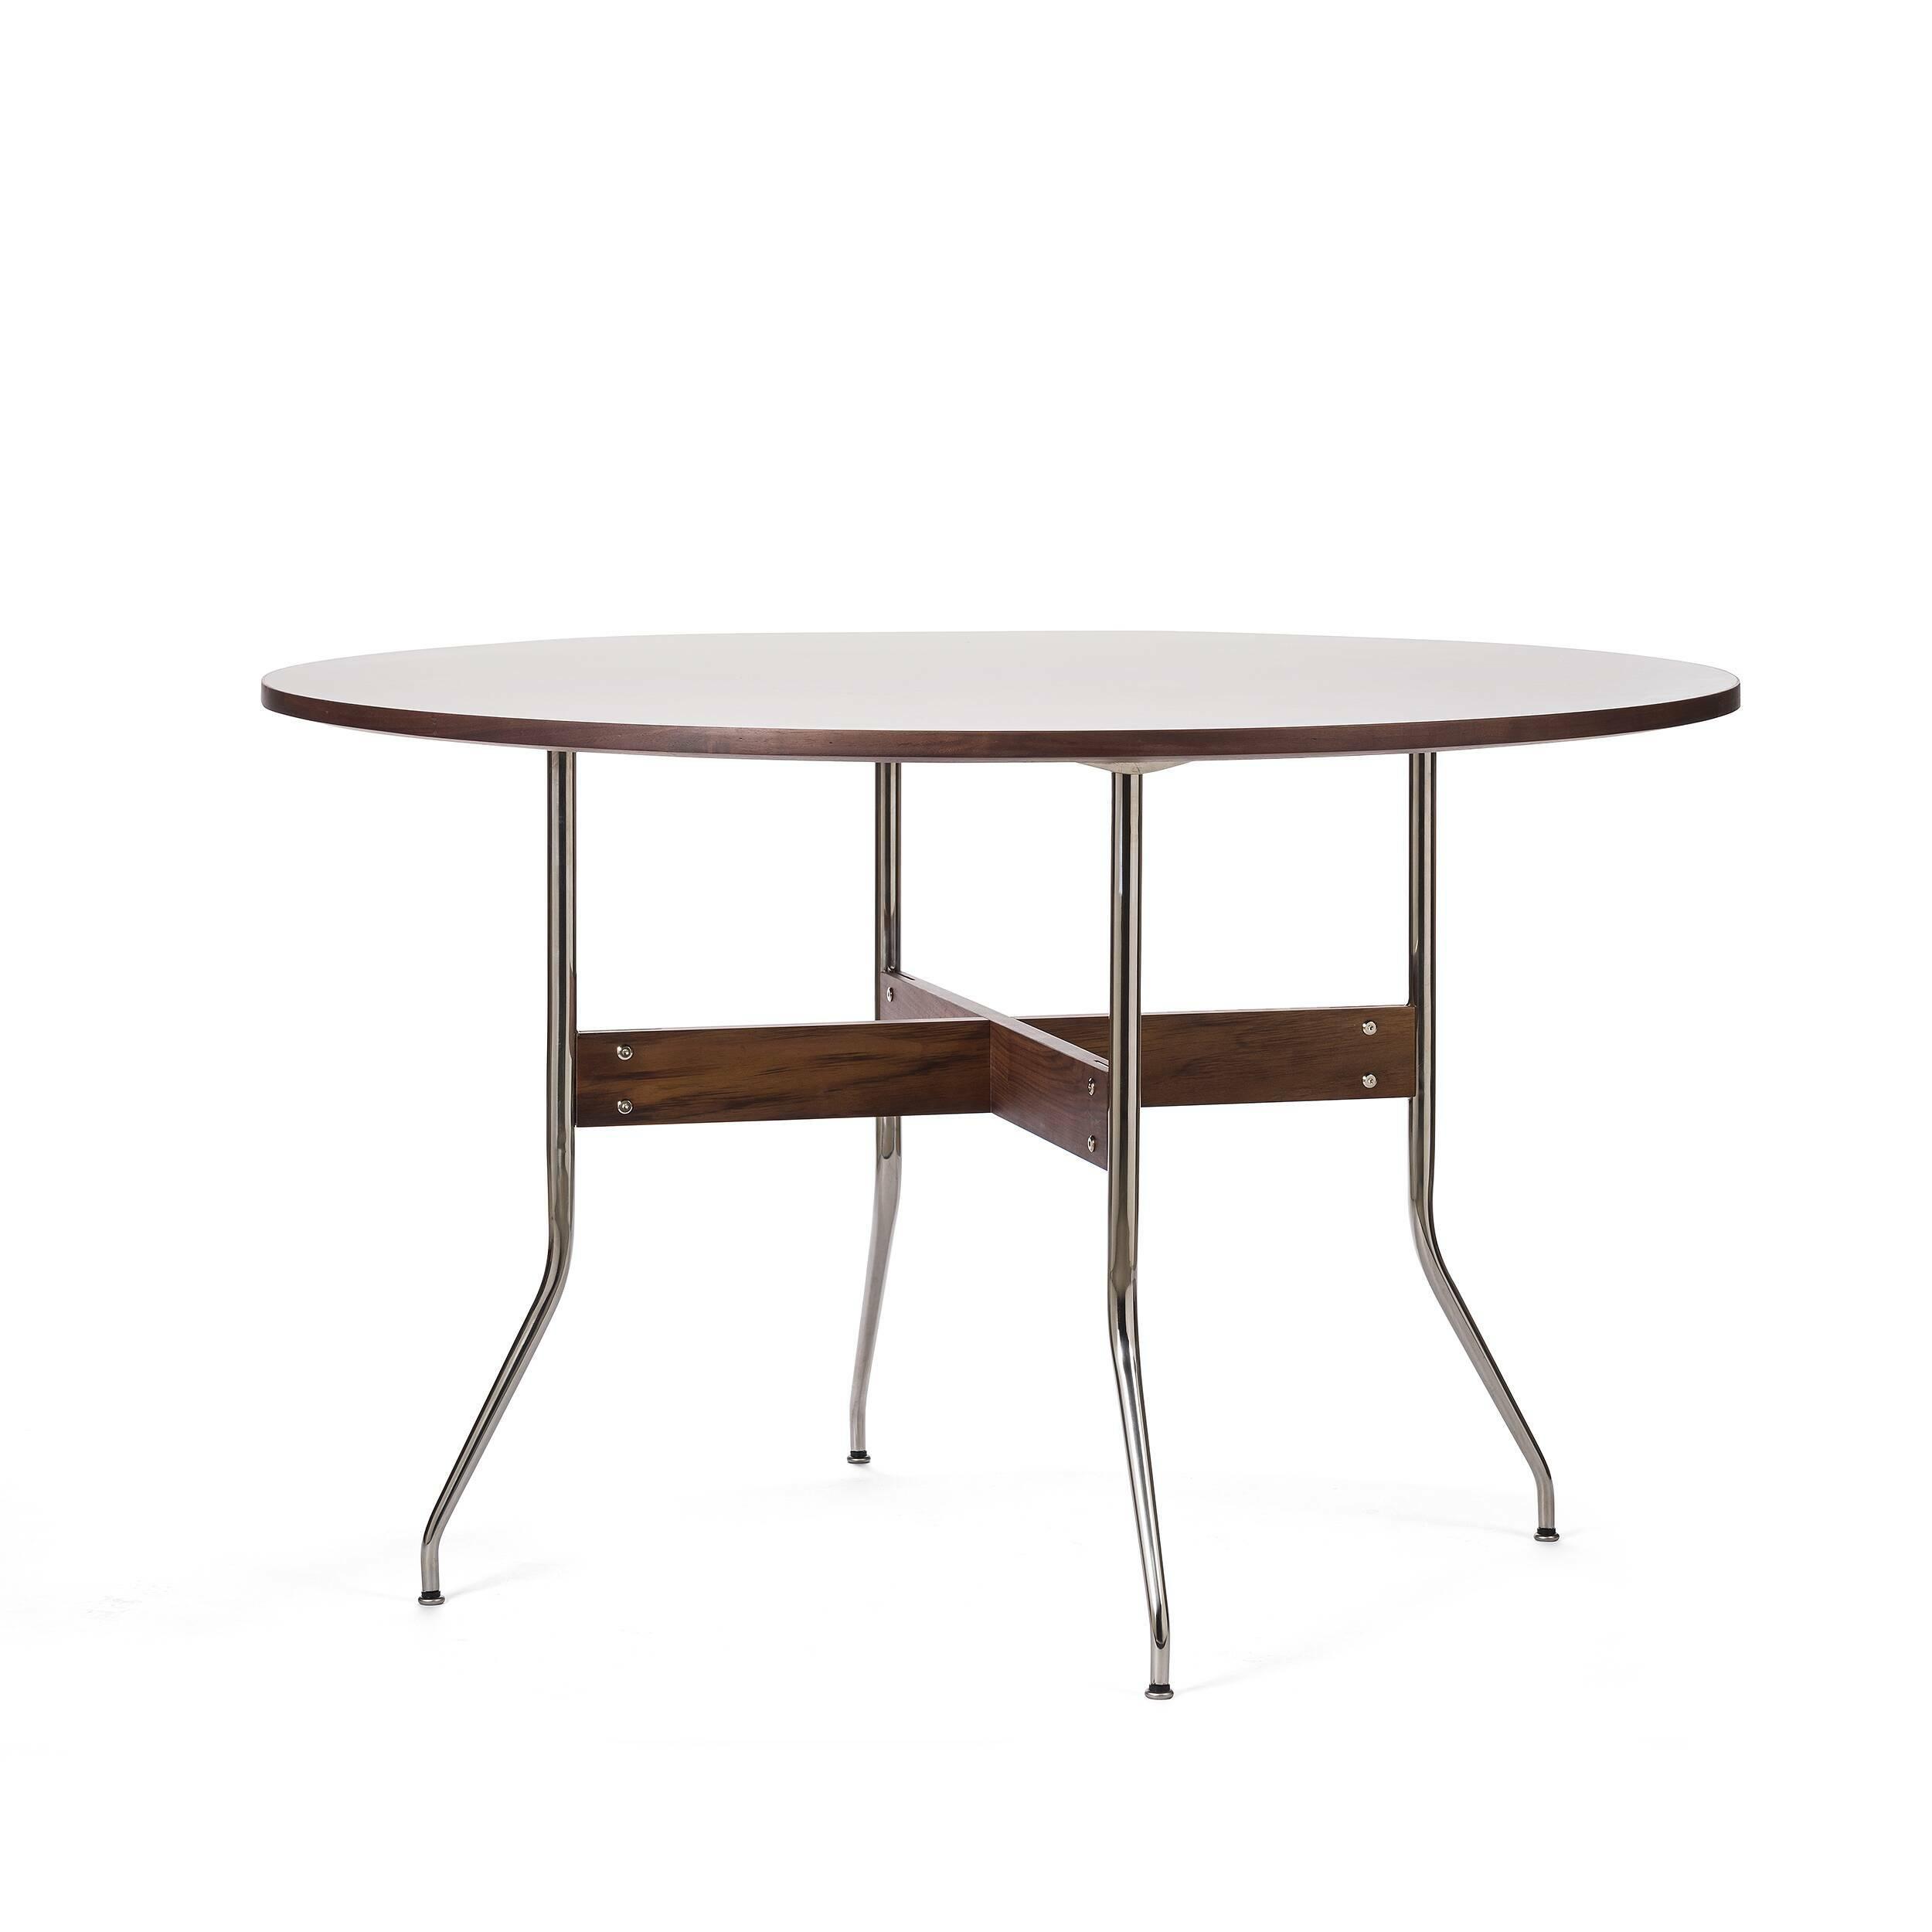 Обеденный стол Wellington круглыйОбеденные<br>Дизайнерская круглый обеденный стол Wellington с деревянной столешницей с тонкими изящными металлическими ножками от Cosmo (Космо).<br>         Обеденный стол — один из важнейших предметов мебели, который служит не только для приема пищи, но и является тем местом в доме, за которым собирается вся семья чтобы побеседовать или просто приятно провести время за настольной игрой.<br><br><br> Стол Wellington круглый имеет одновременно изящную и простую конструкцию. Круглая столешница из американского ореха...<br><br>stock: 0<br>Высота: 75.5<br>Диаметр: 122<br>Цвет ножек: Орех американский<br>Цвет столешницы: Белый<br>Материал ножек: Массив ореха<br>Материал столешницы: Ламинированный МДФ<br>Тип материала каркаса: Сталь нержавеющя<br>Тип материала столешницы: МДФ<br>Тип материала ножек: Дерево<br>Цвет каркаса: Хром